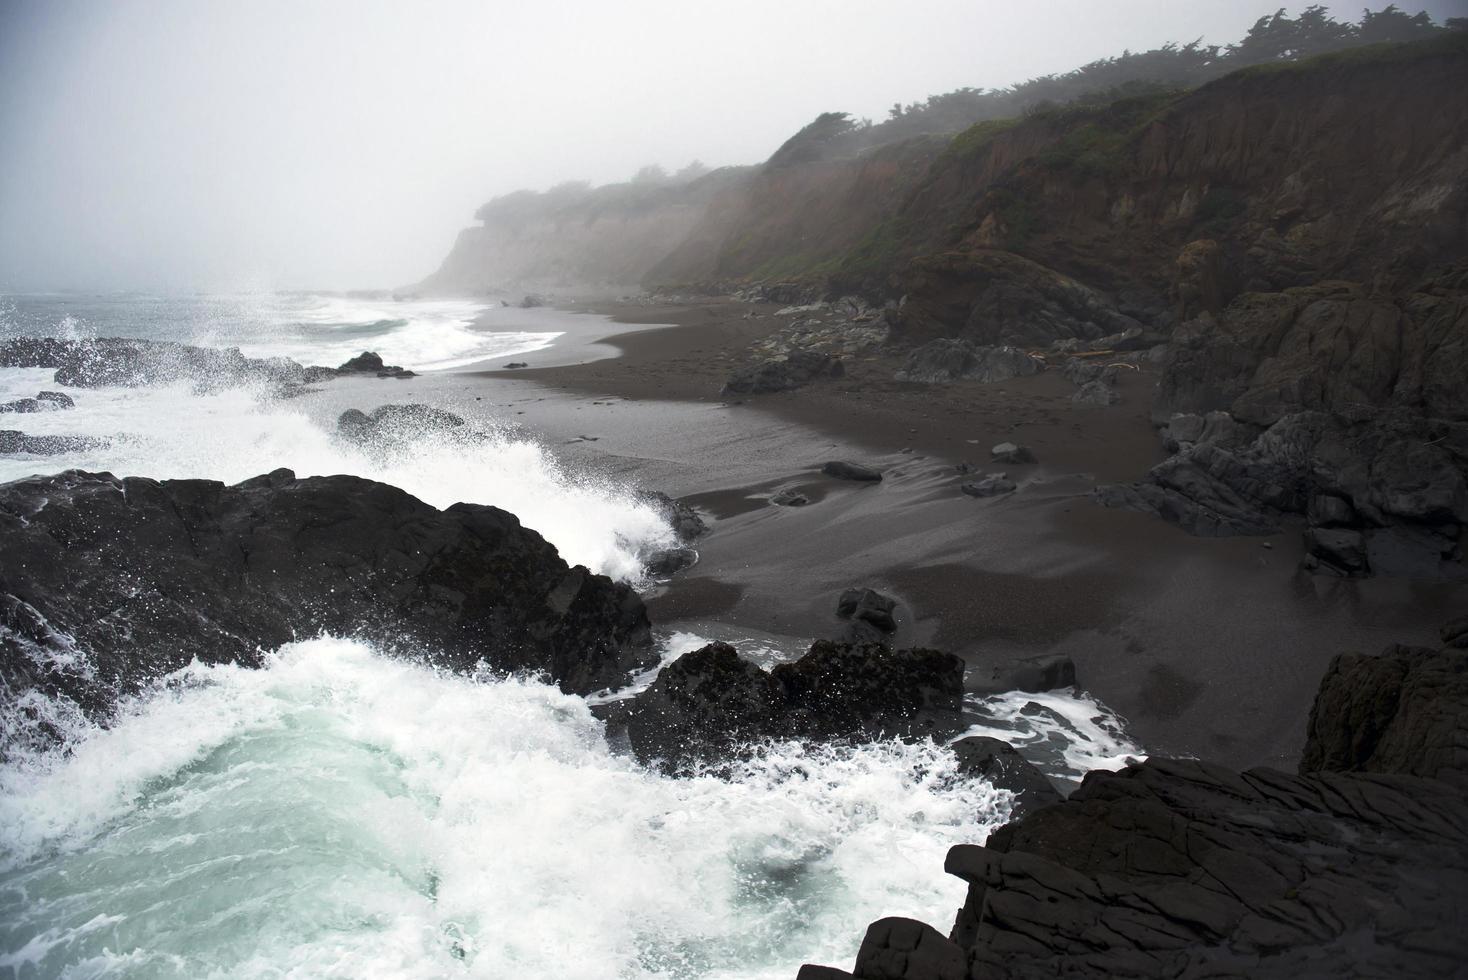 Waves splashing on seashore photo